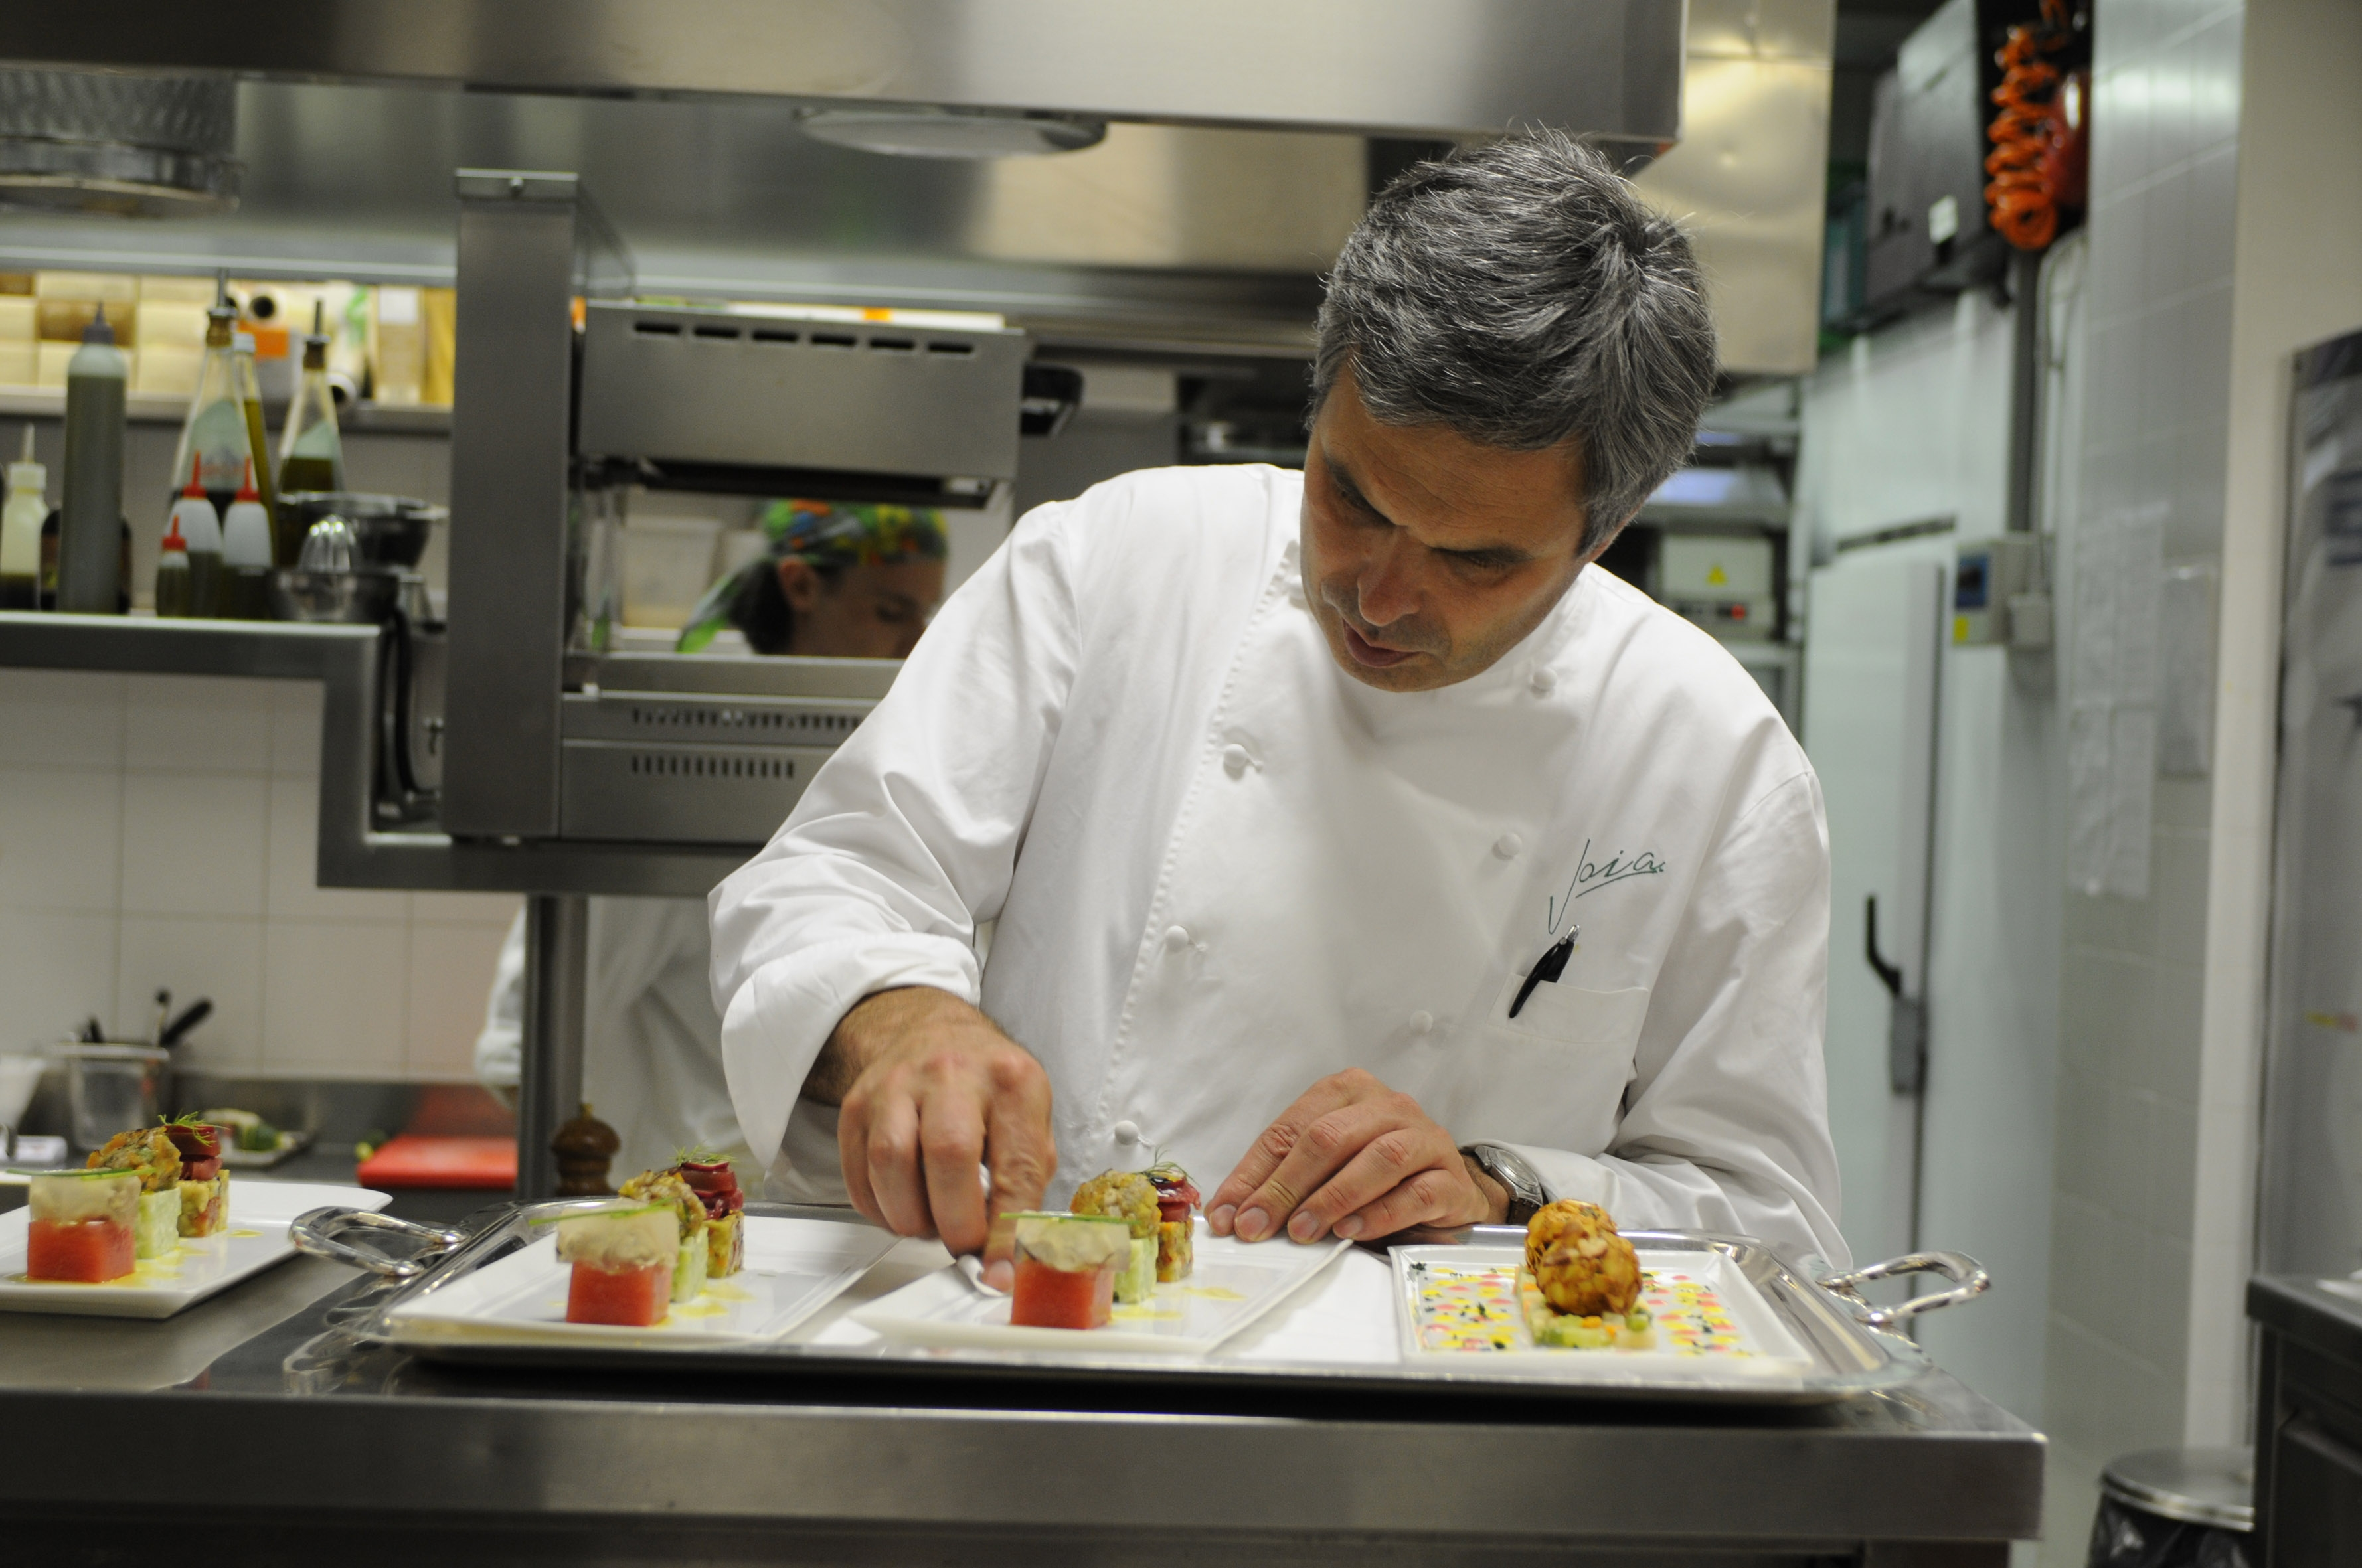 Joia la cucina per il benessere e la sostenibilit di - Pietro leemann corsi di cucina ...